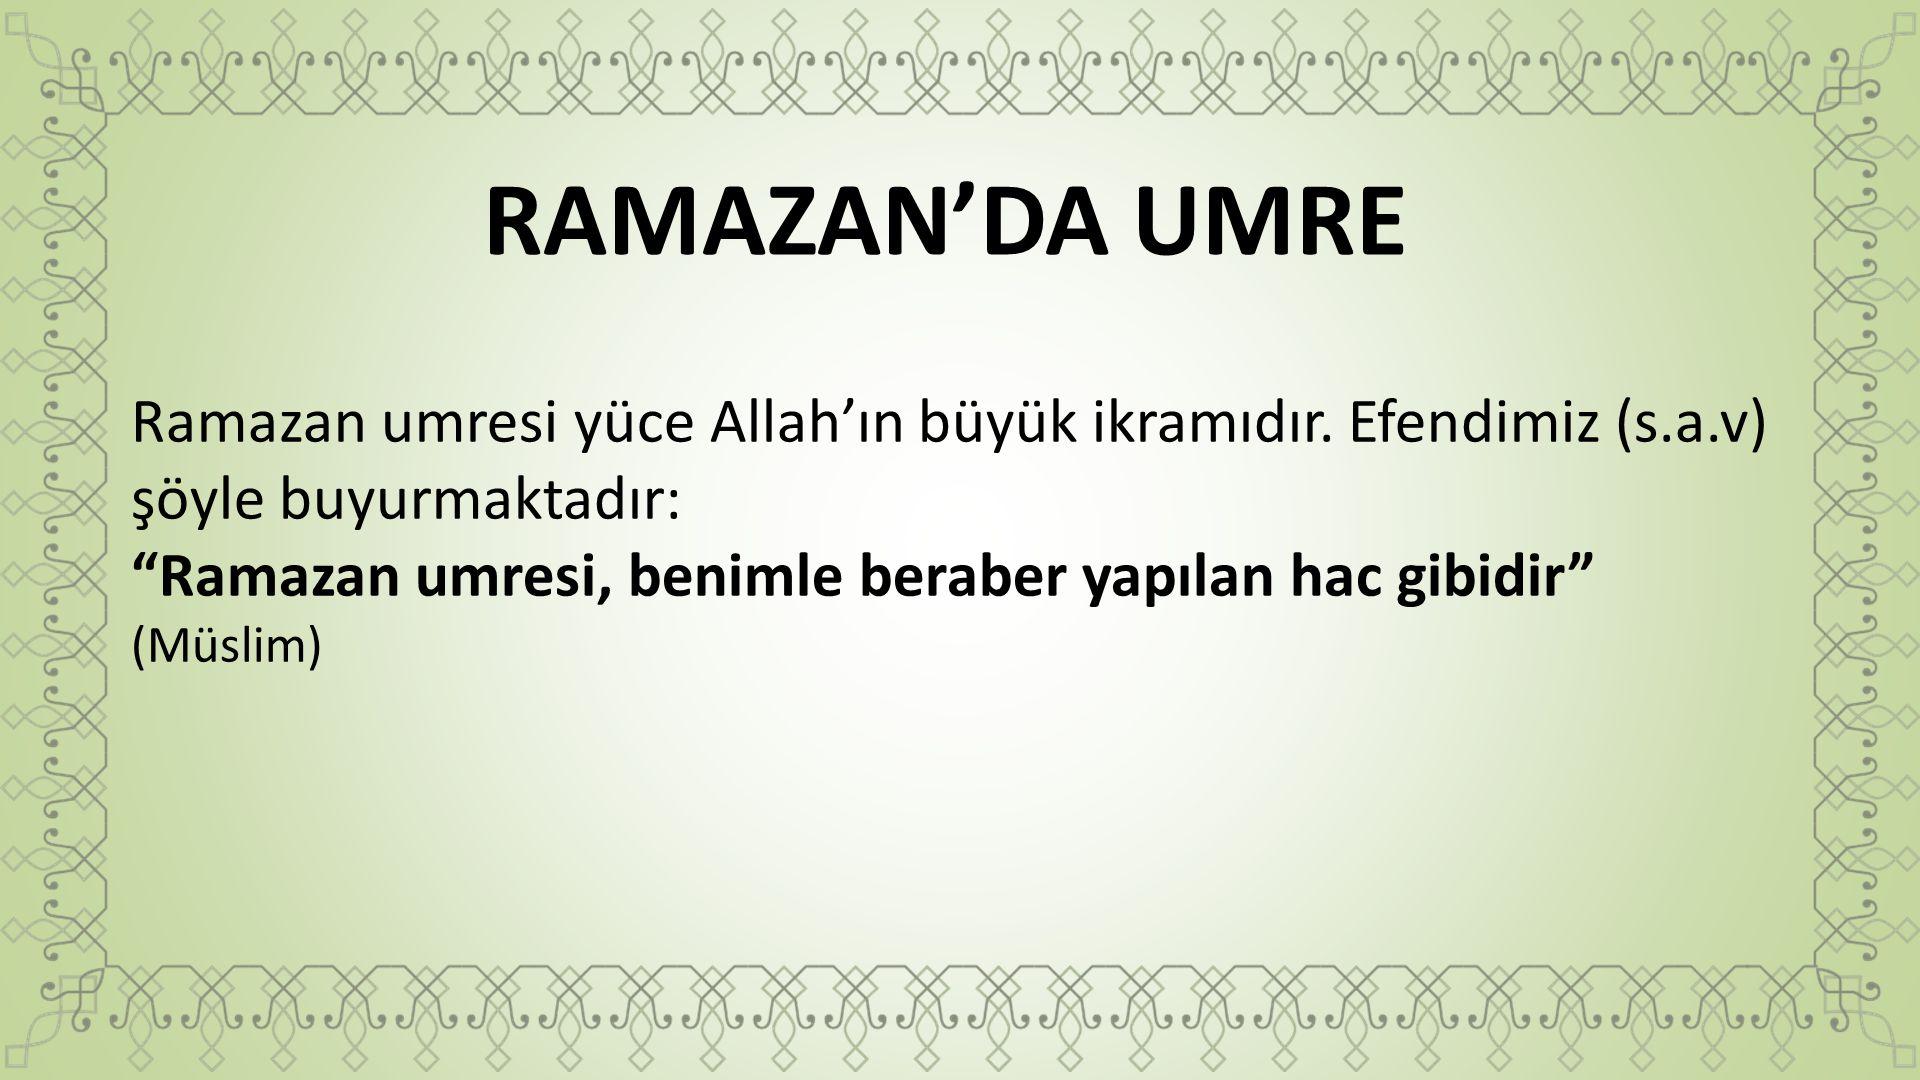 RAMAZAN'DA UMRE Ramazan umresi yüce Allah'ın büyük ikramıdır. Efendimiz (s.a.v) şöyle buyurmaktadır: